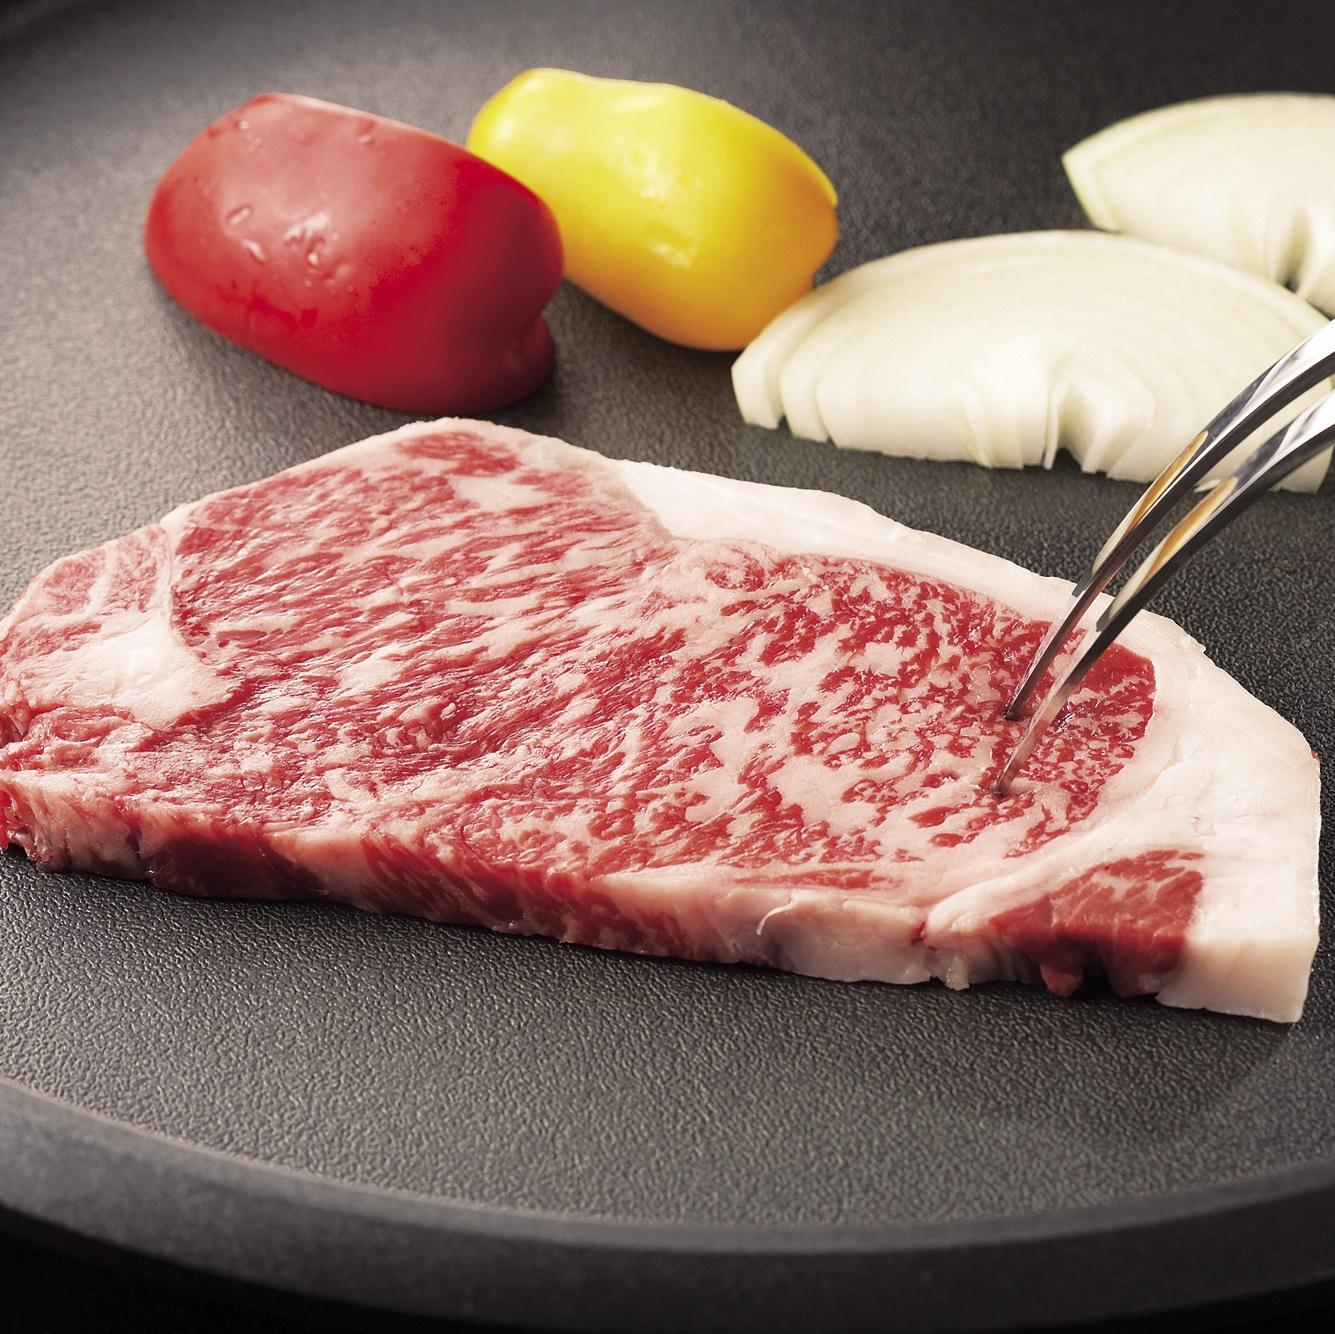 【鹿児島黒牛】サーロインステーキ 600g